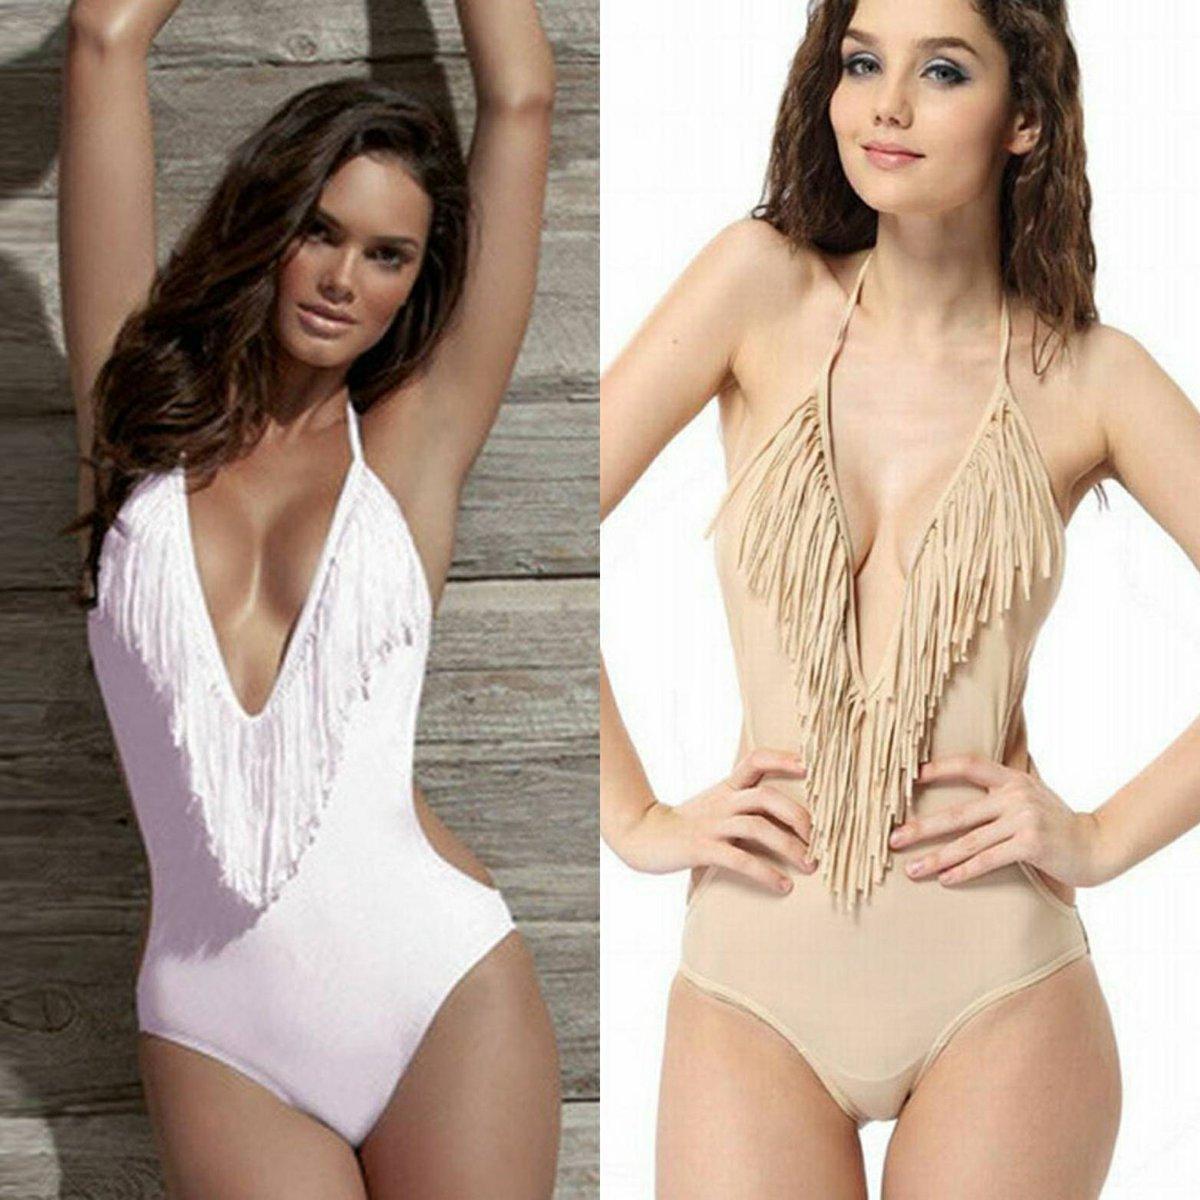 bfa23e5db91 Hualong Halter High Cut One Piece Swimsuit Order here  →http://bit.ly/2sD1ZNv #onepiece #swimsuits #women #girls #sun  #beachpic.twitter.com/q404sqwuNS